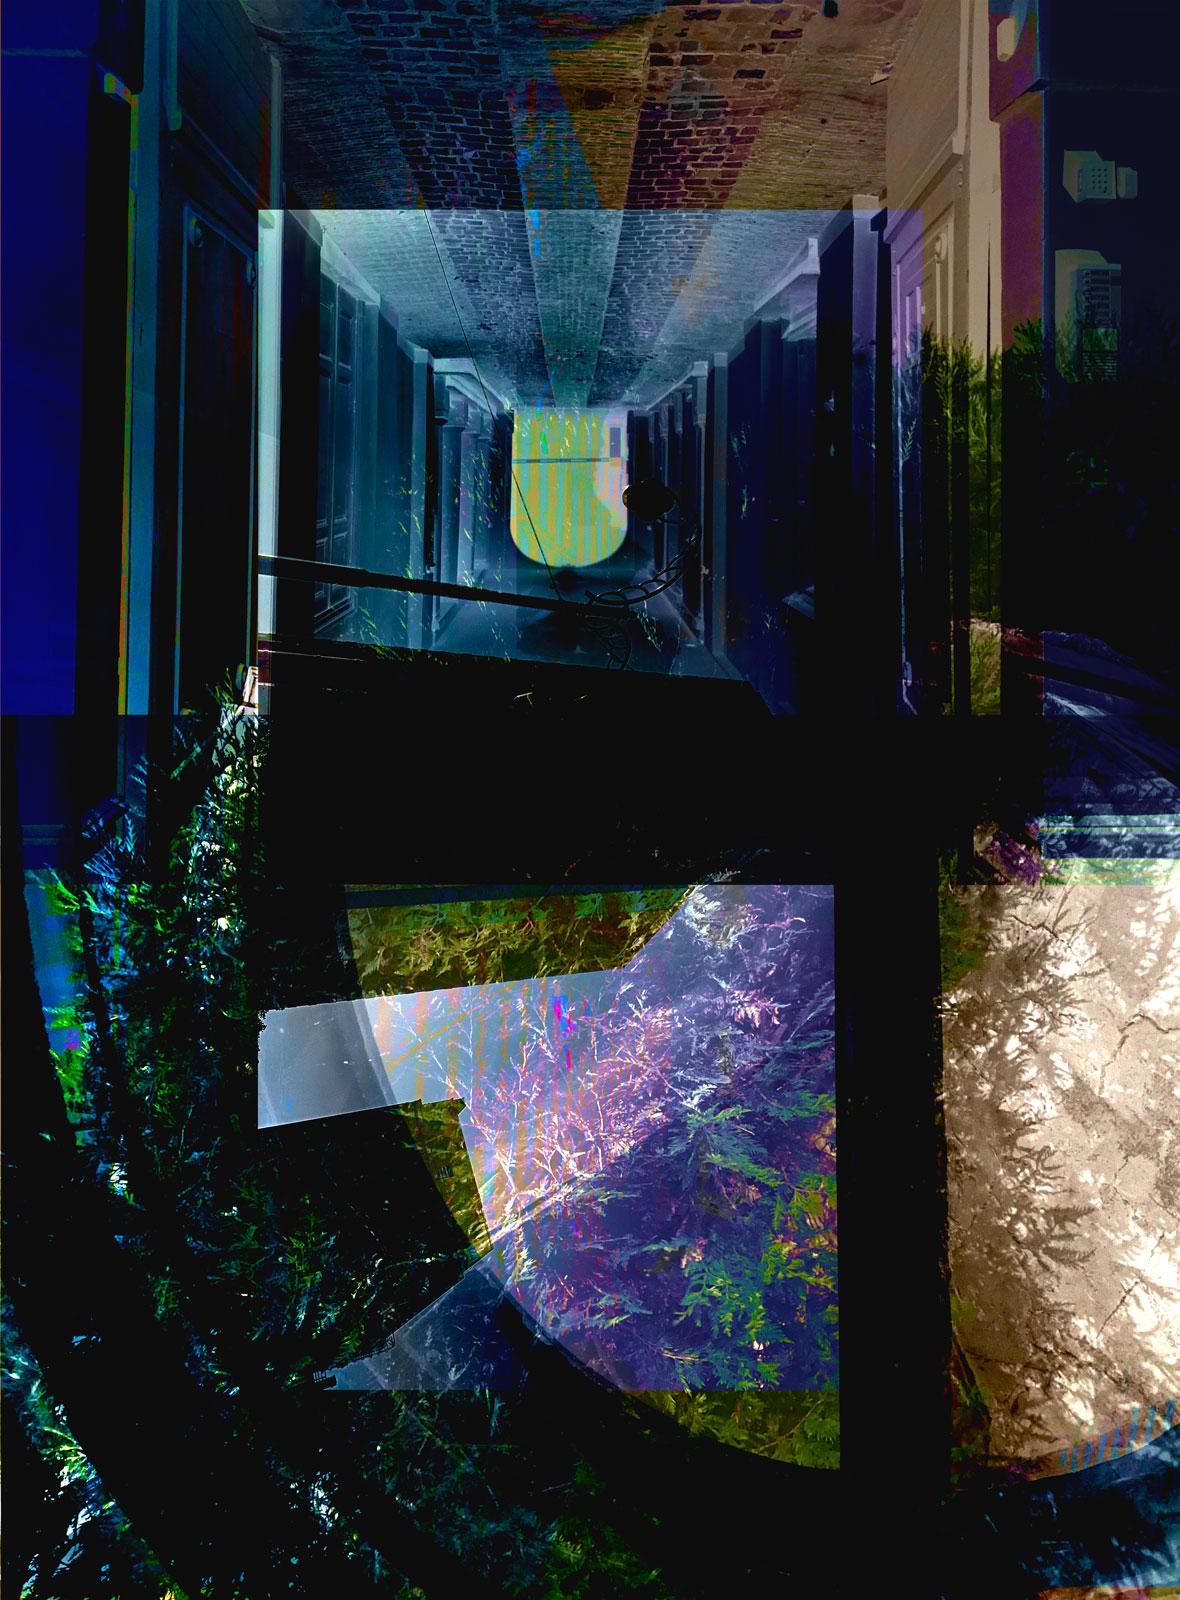 Gateway • 90 x 122 cm (35.43 x 48.03 in)